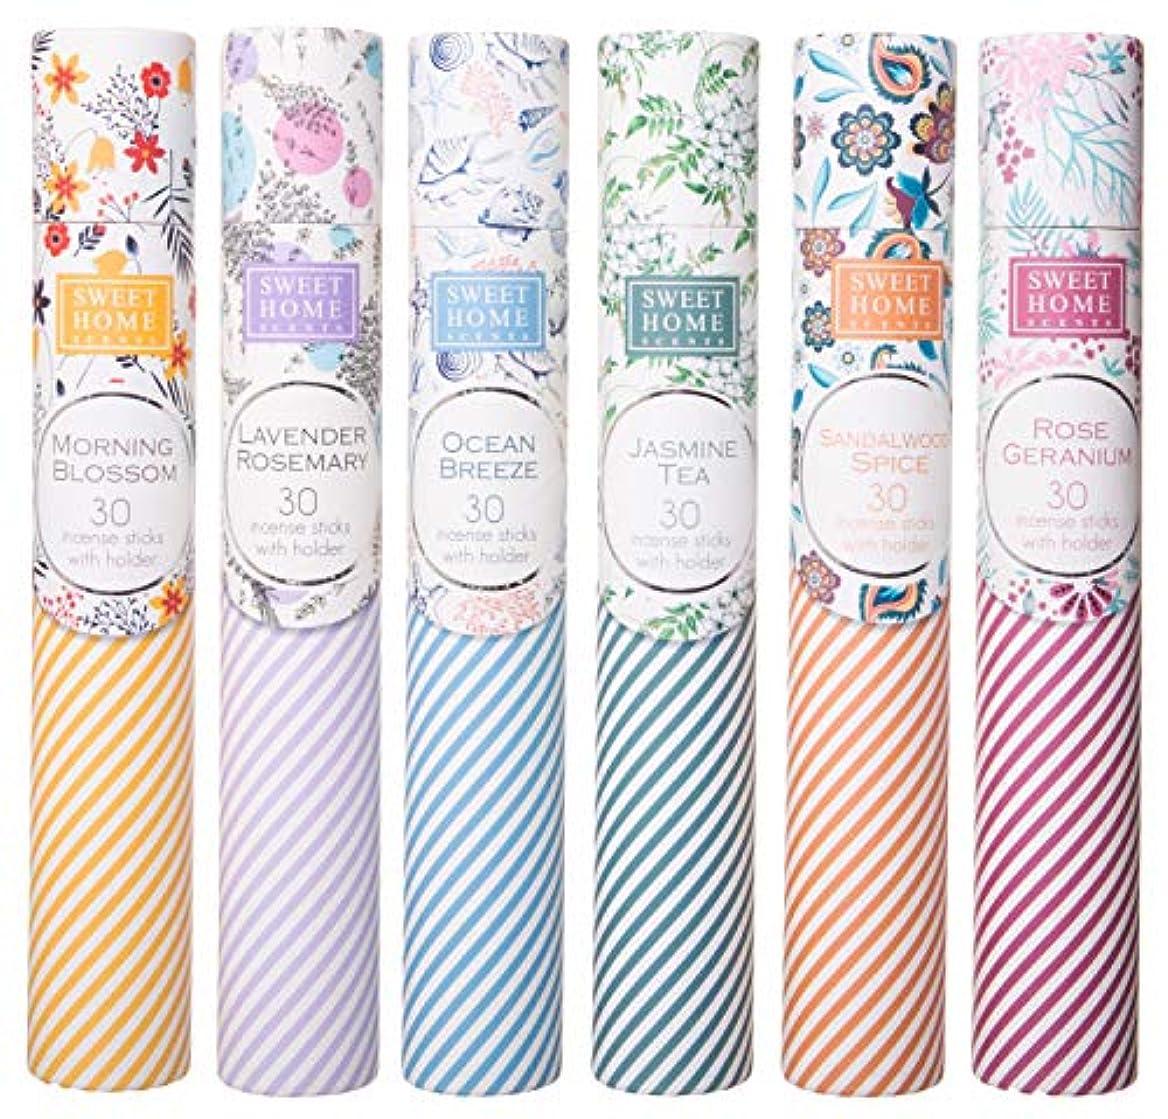 クックペネロペエッセンスSweet Home Scents プレミアムスパ お香 180本 6本の木製ホルダー付き ギフト包装用チューブ入り 6本セット 6種類の香り